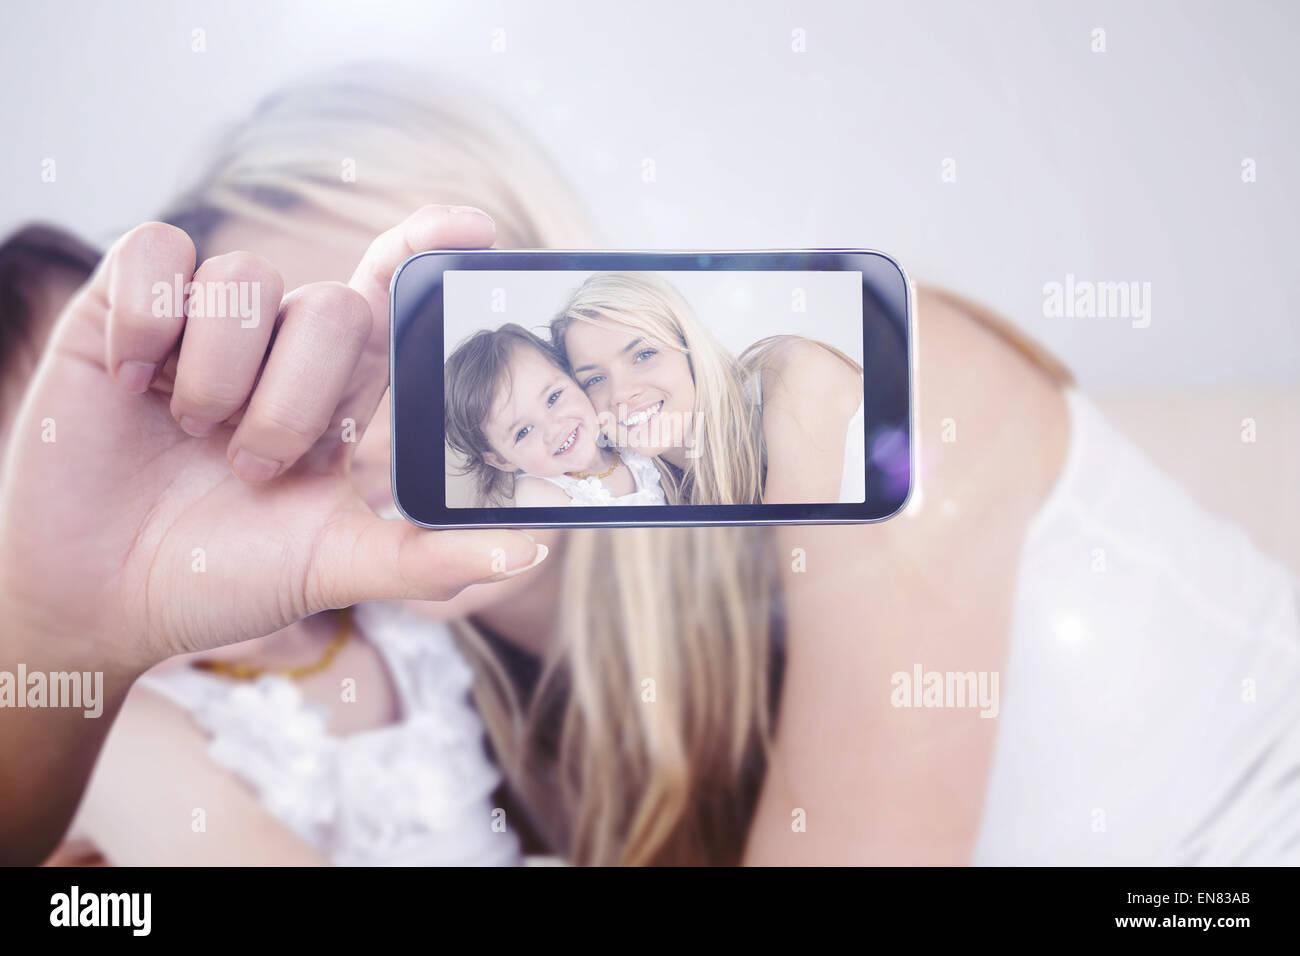 Immagine composita della mano che tiene lo smartphone che mostra Immagini Stock